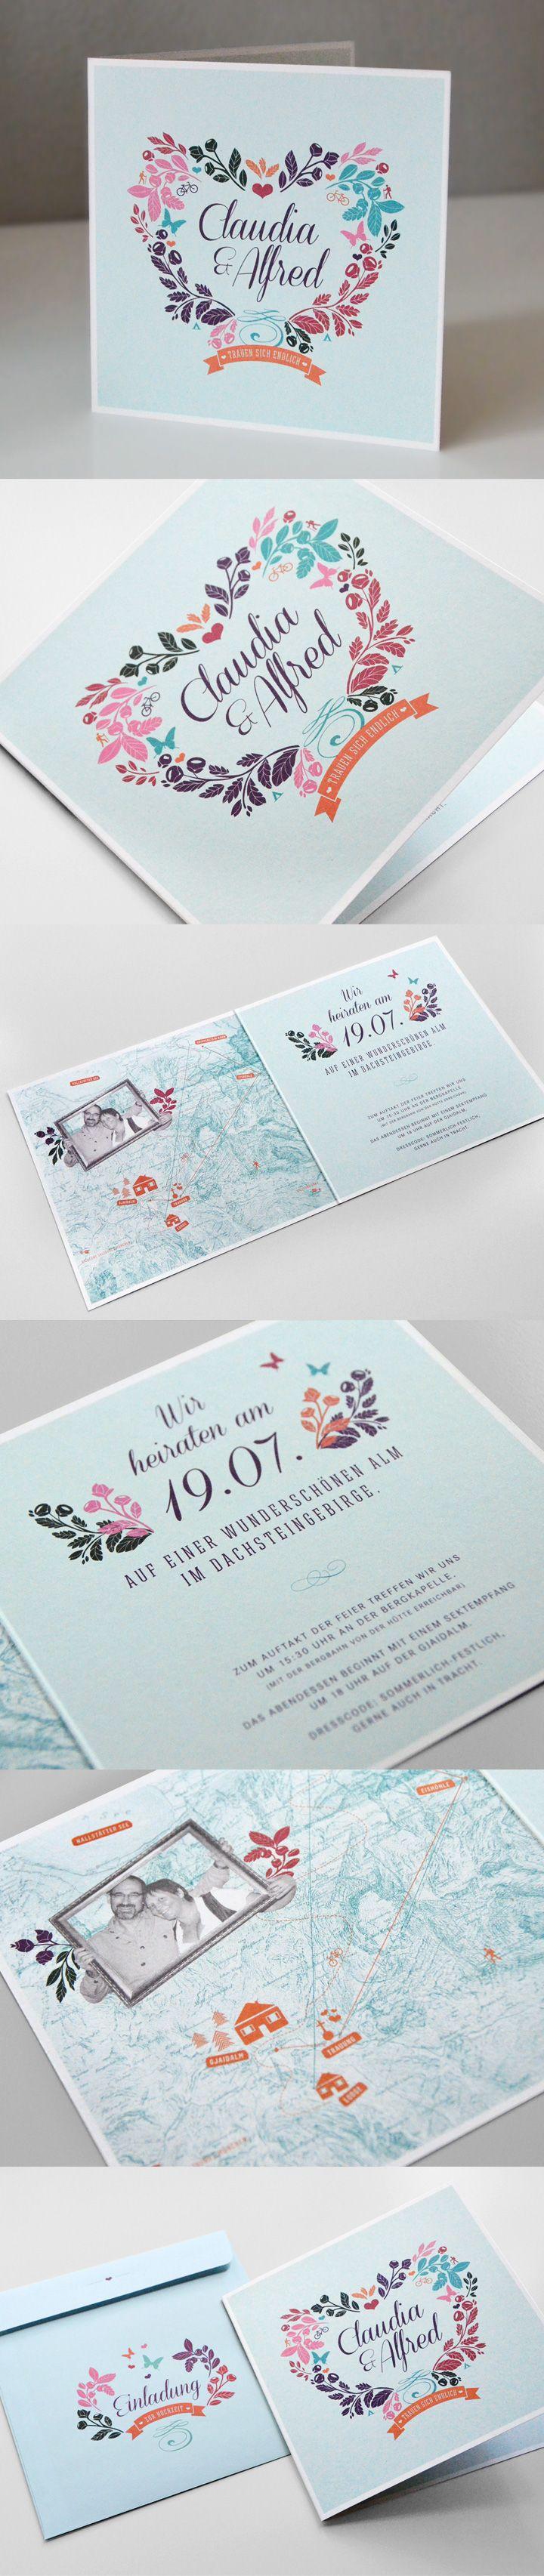 Einladungen zur Hochzeit / http://www.valerie-wolf.de/Claudi-Hochzeit ...